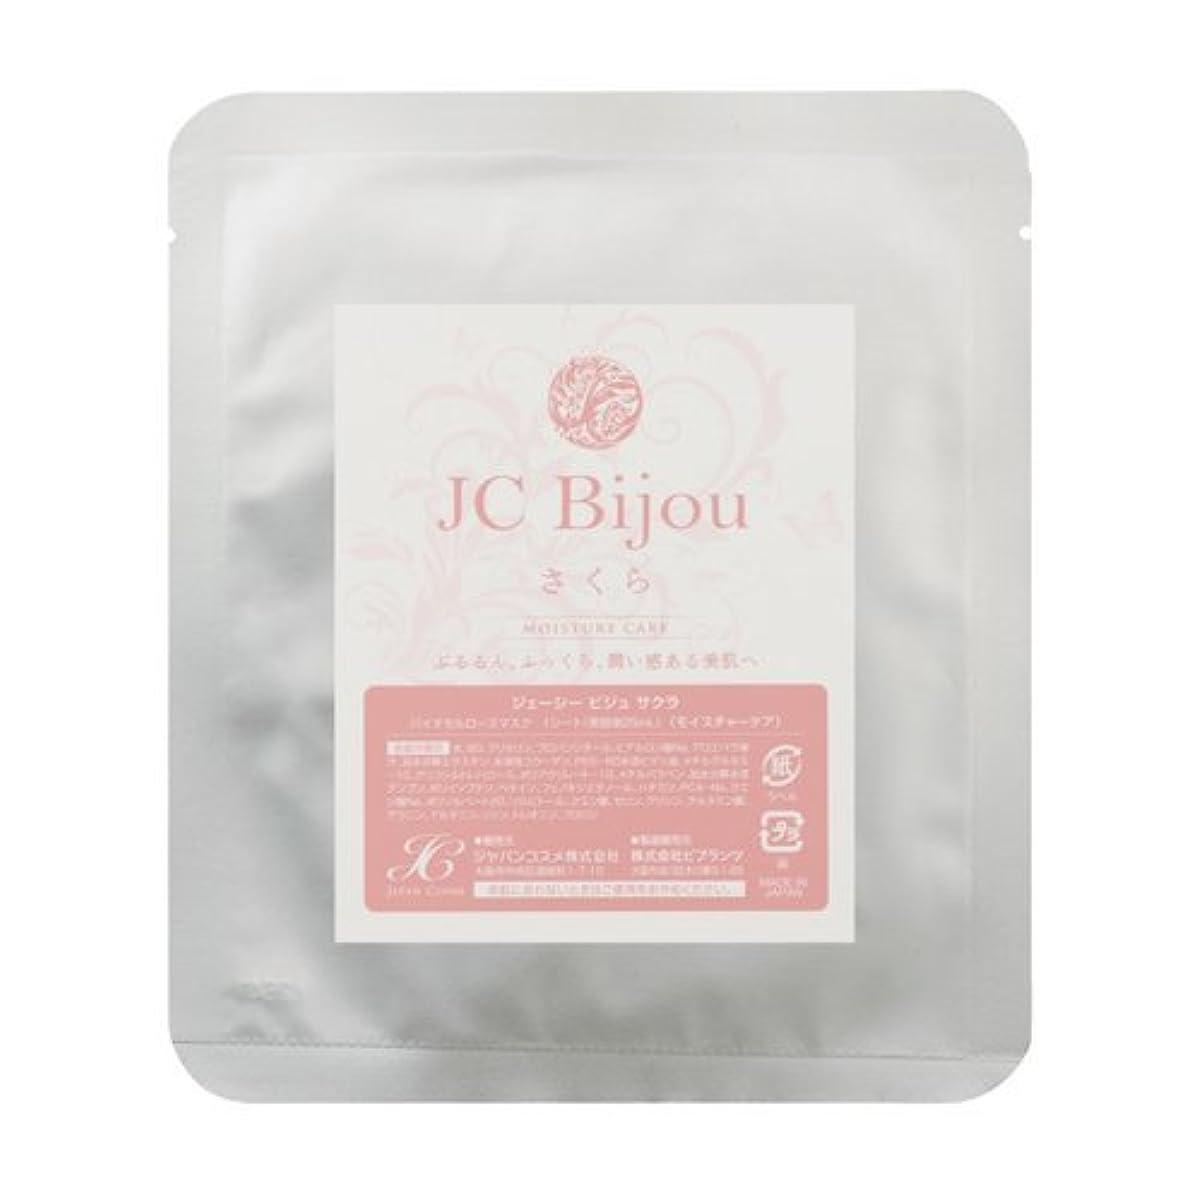 順応性のある水銀のマインドフルジャパンコスメ JC Bijou さくら 25ml モイスチャーケア